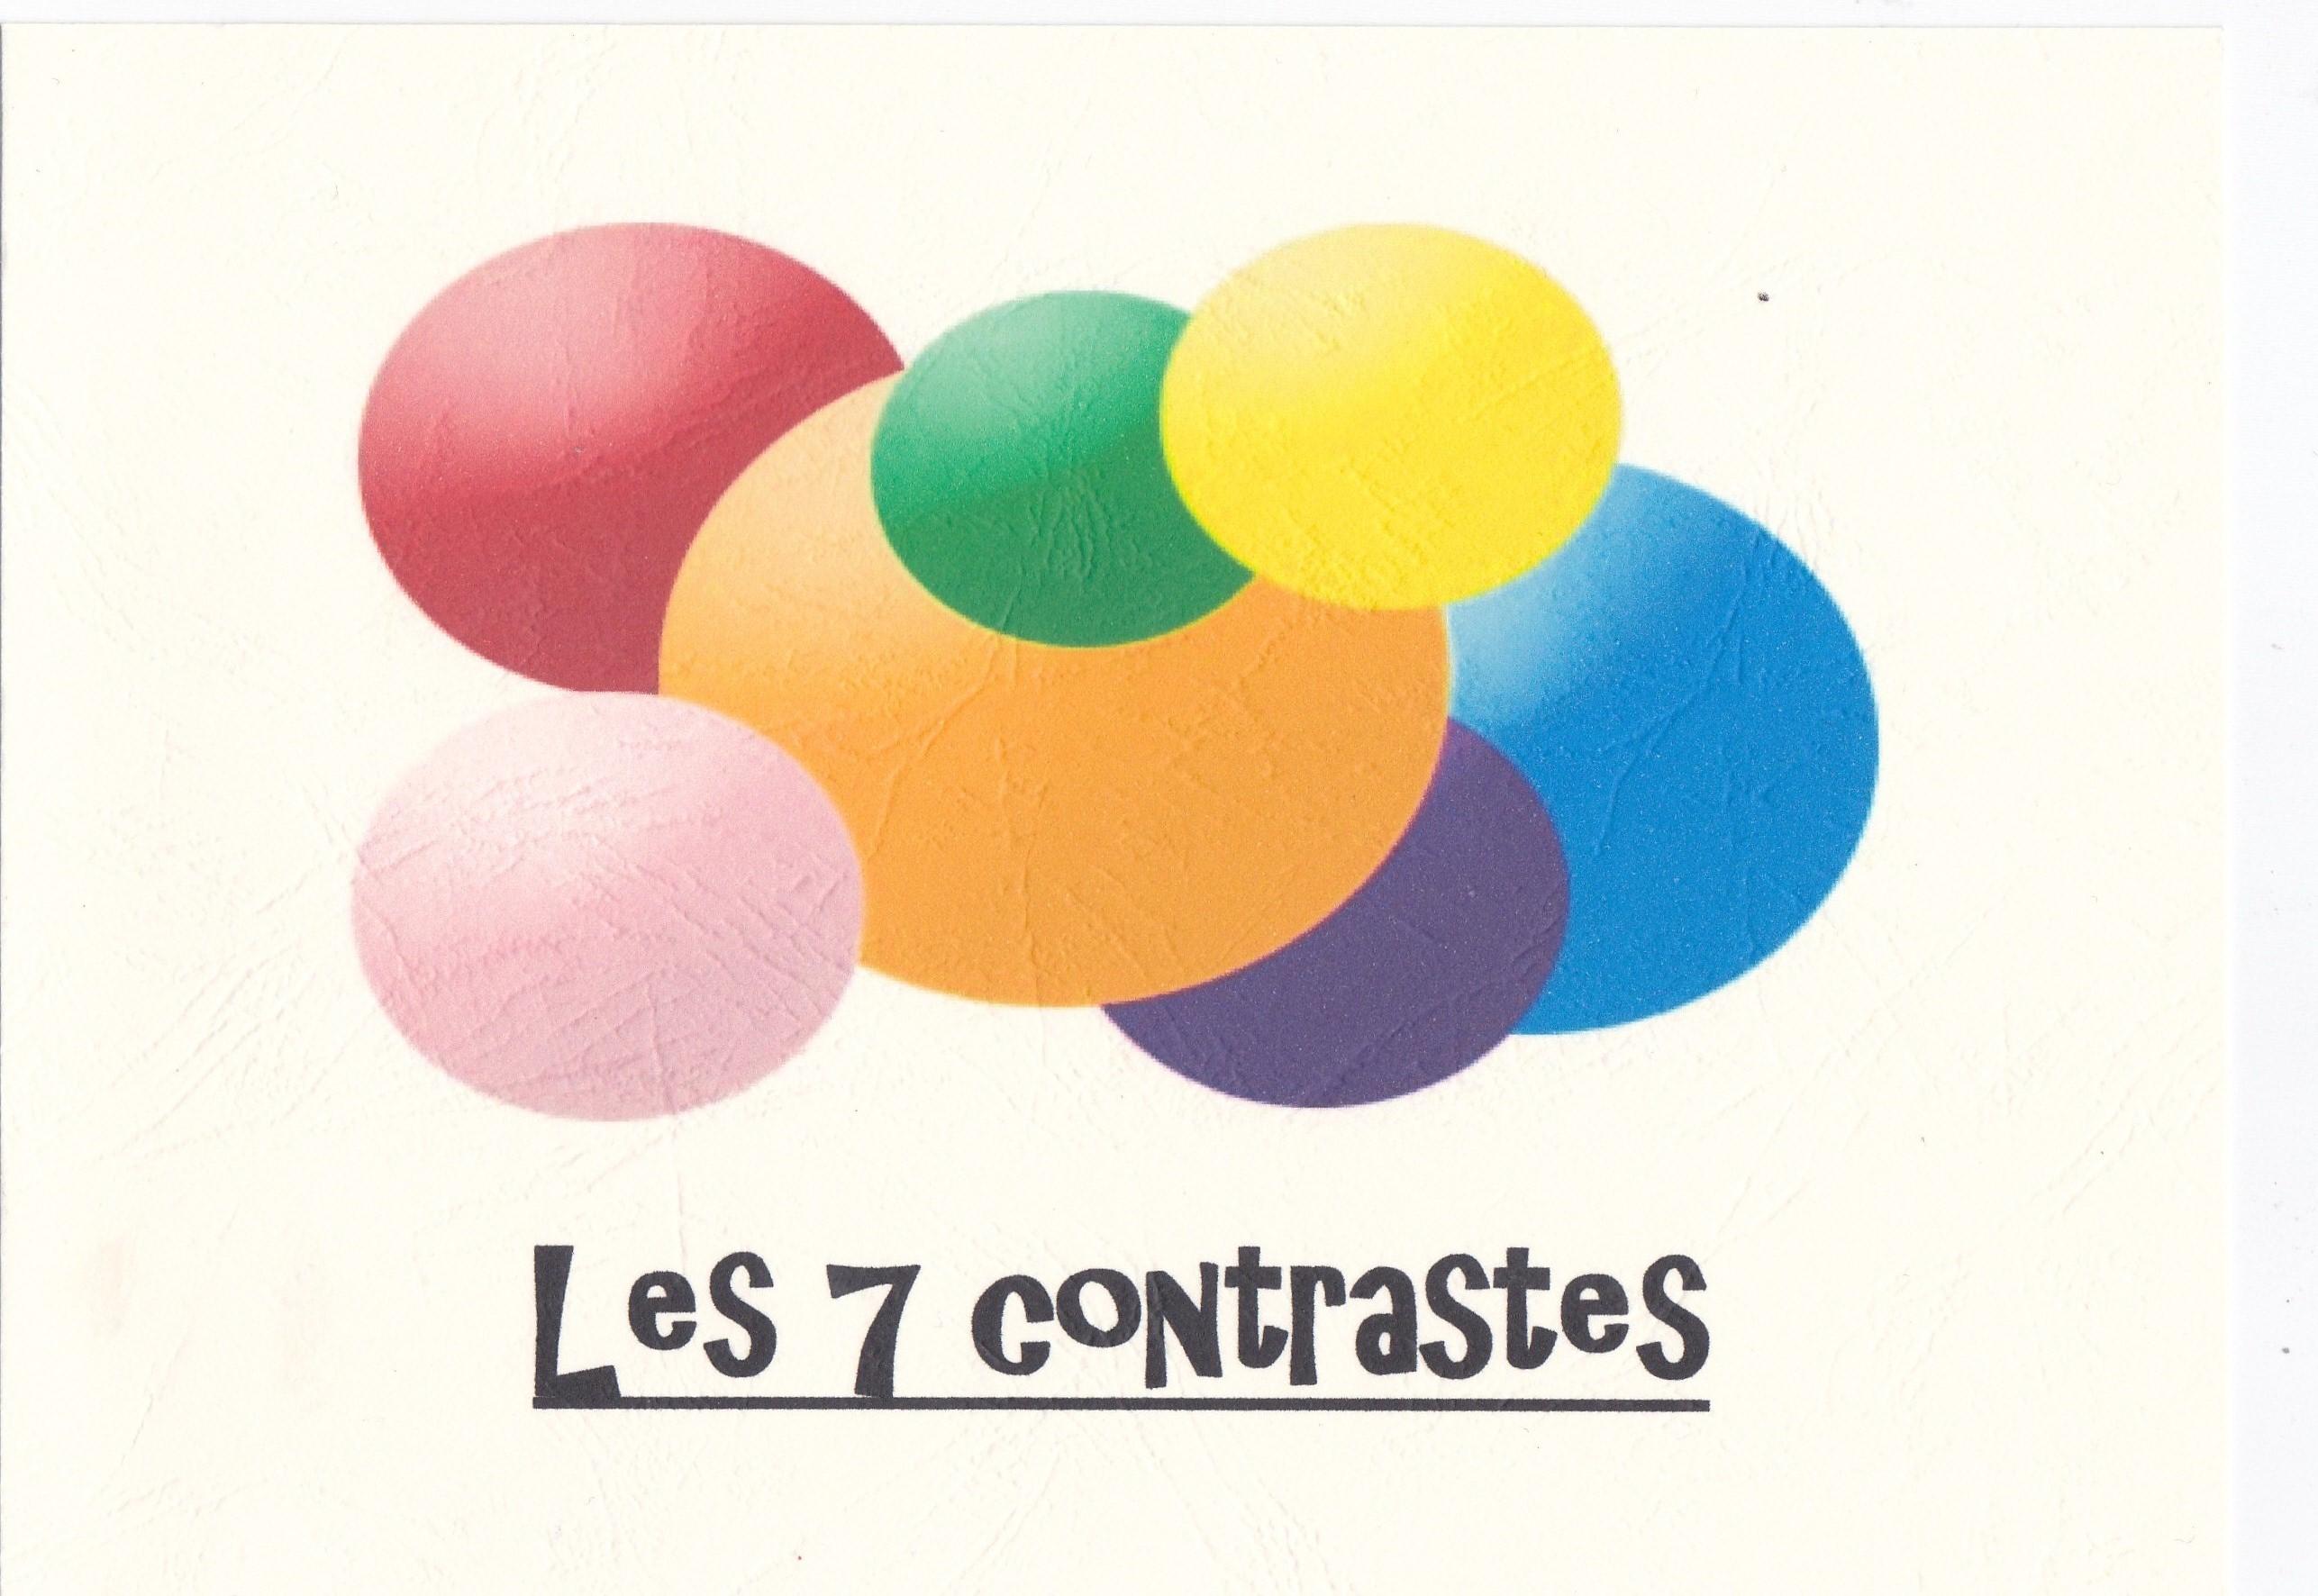 illustration des 7 contrastes colorés